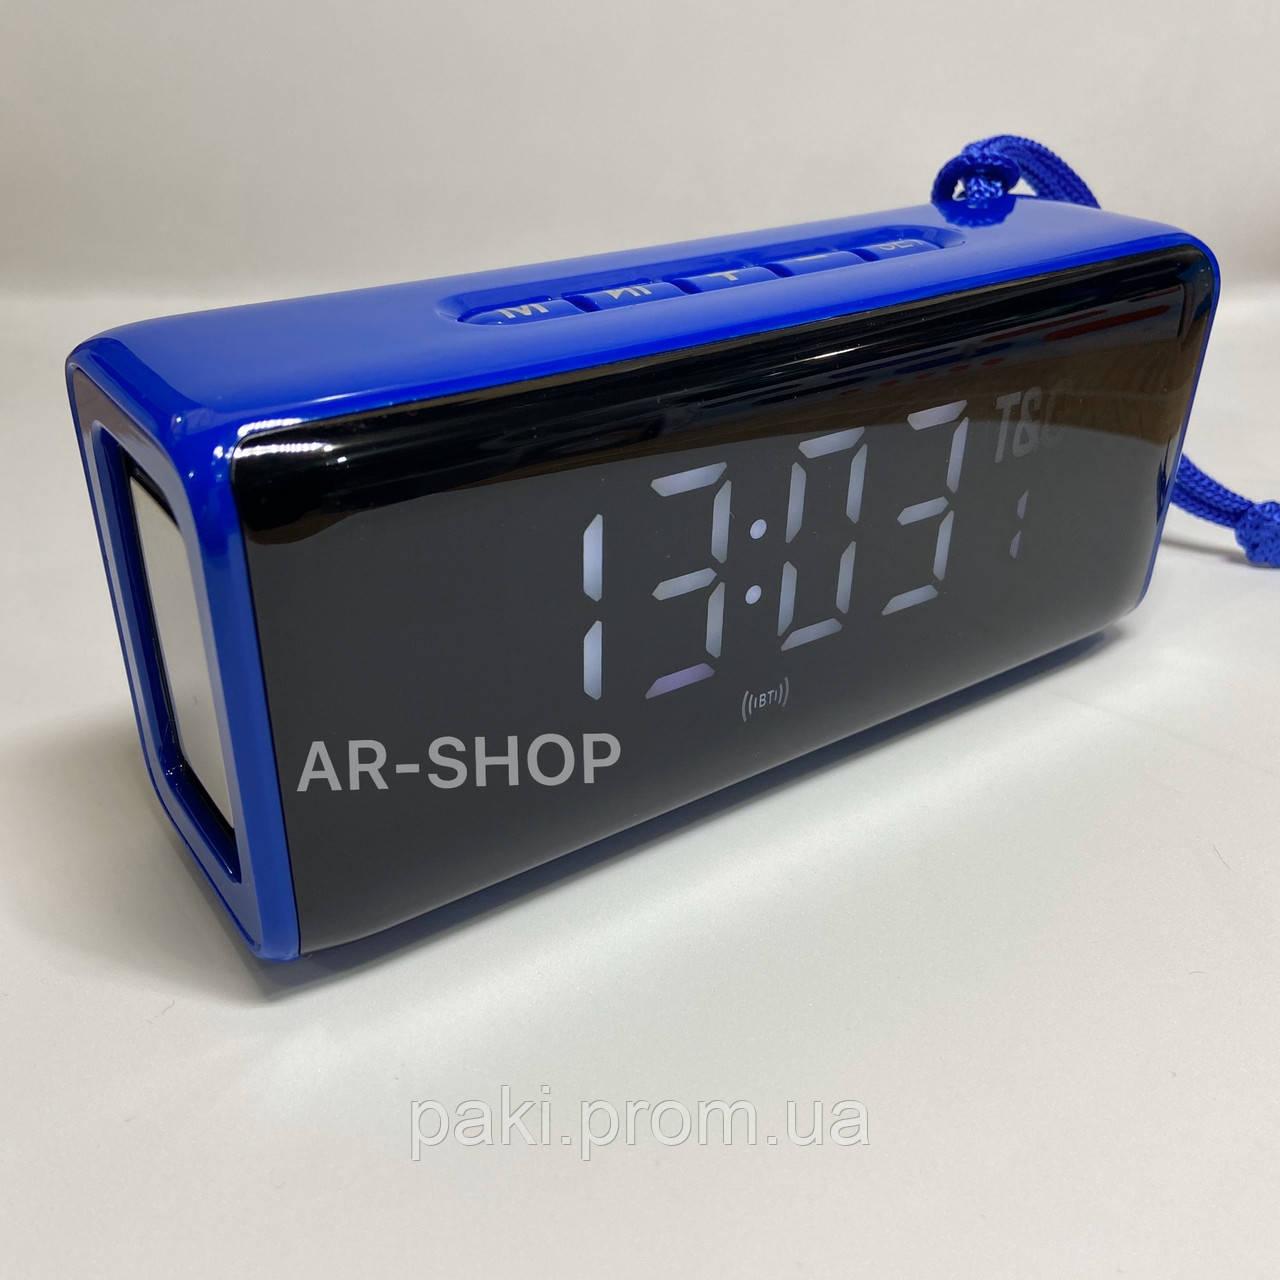 Беcпроводная портативная колонка T&G TG-174 с часами, радио и термометром ( Синяя)